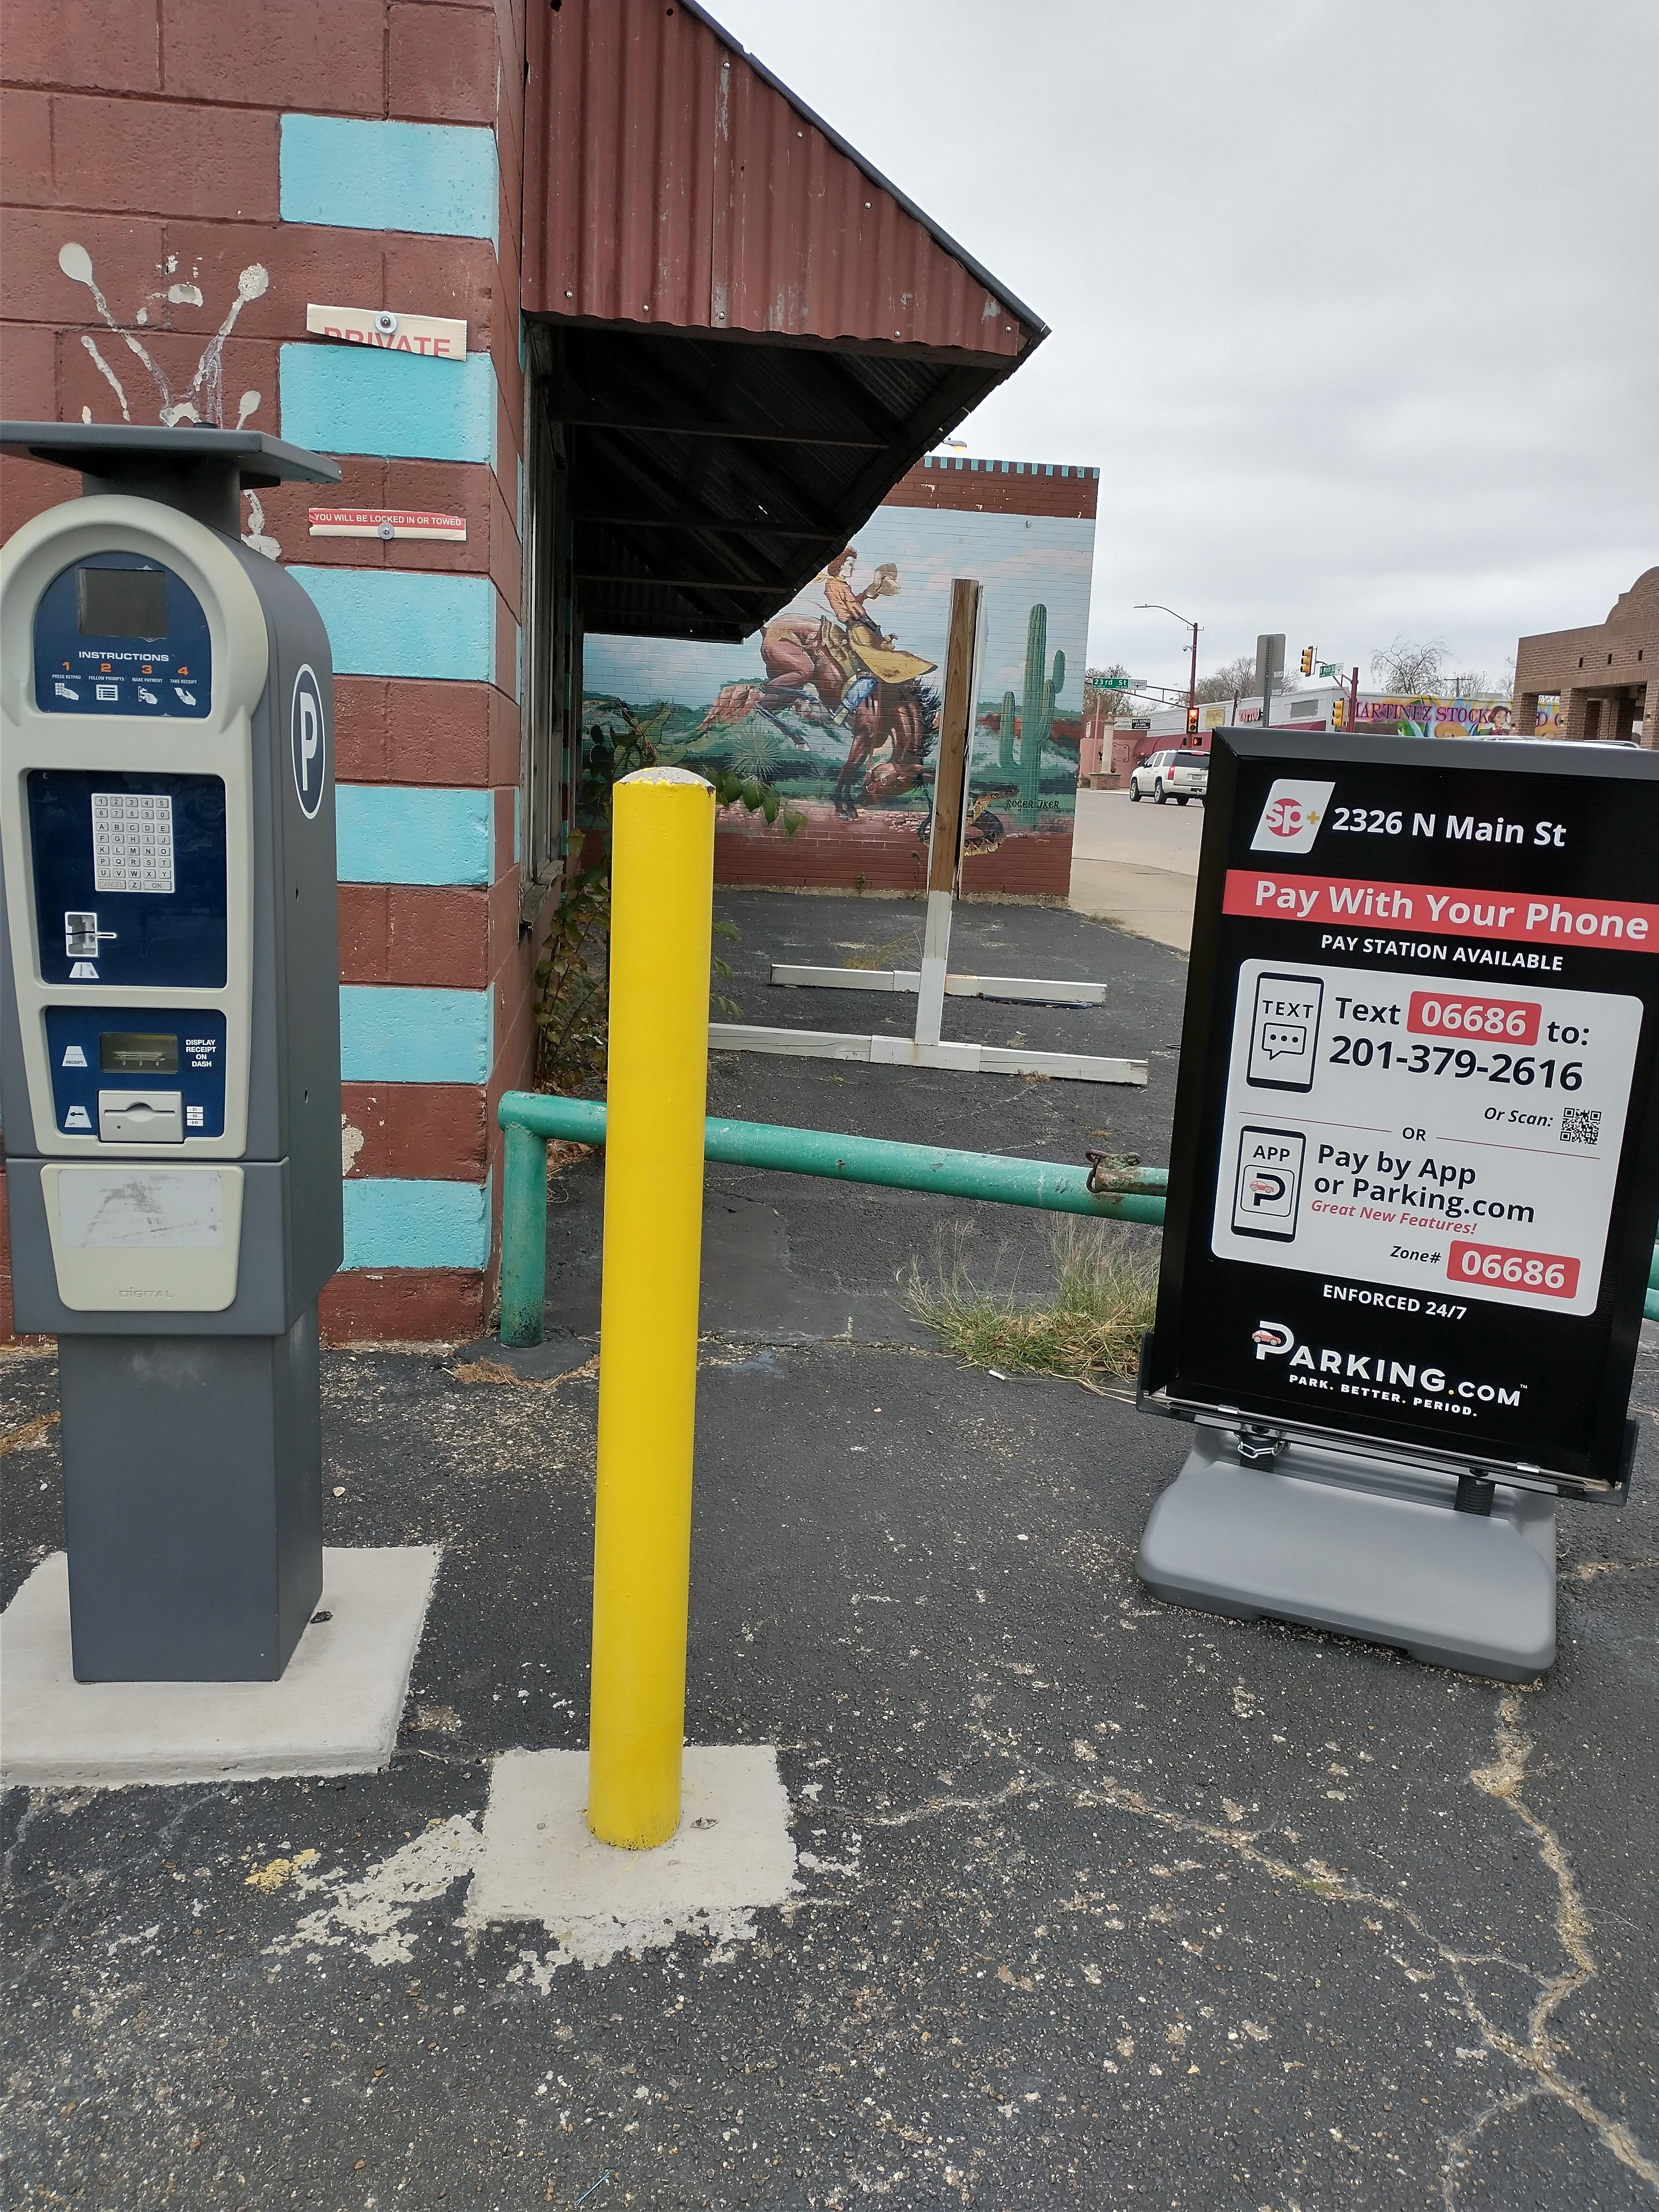 Parking.com Sigange